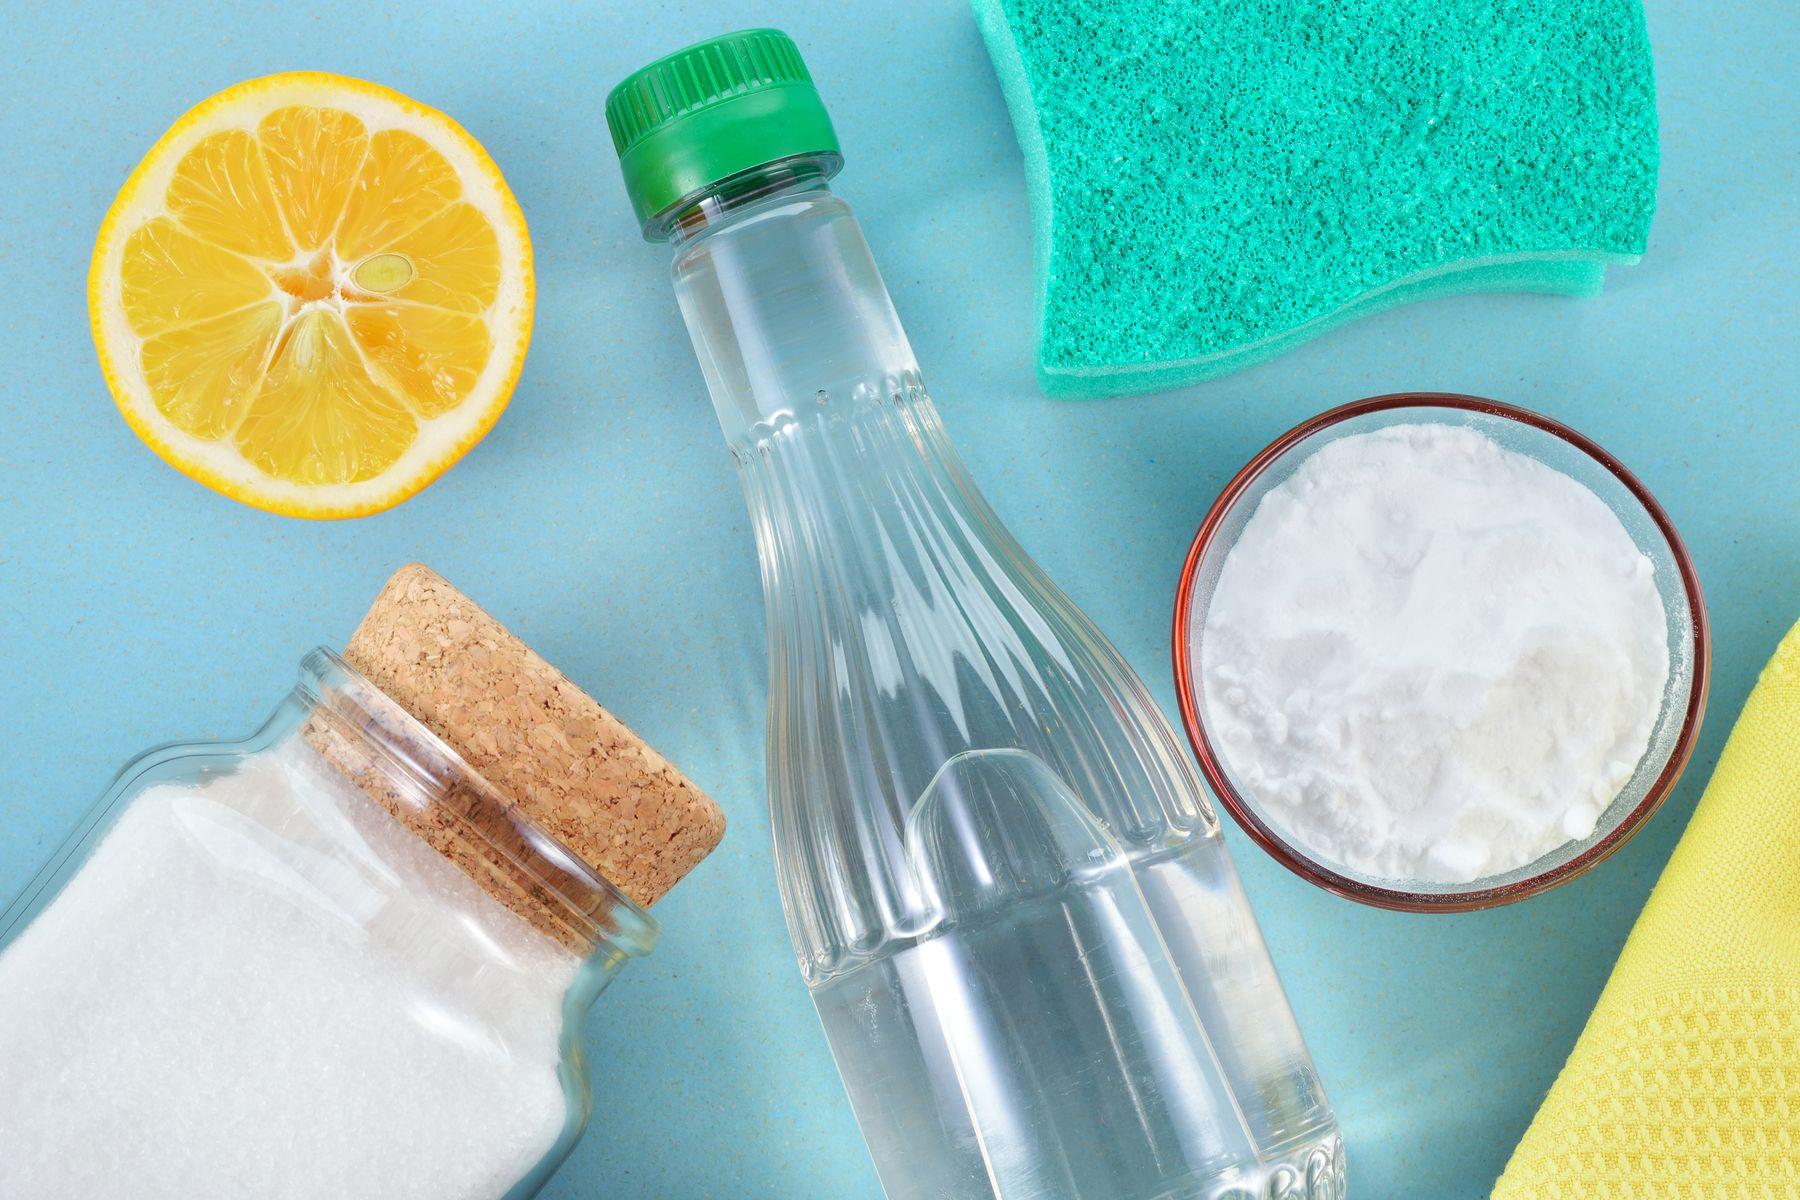 bottle of vinegar, baking soda, a lemon slice and green sponge on blue table